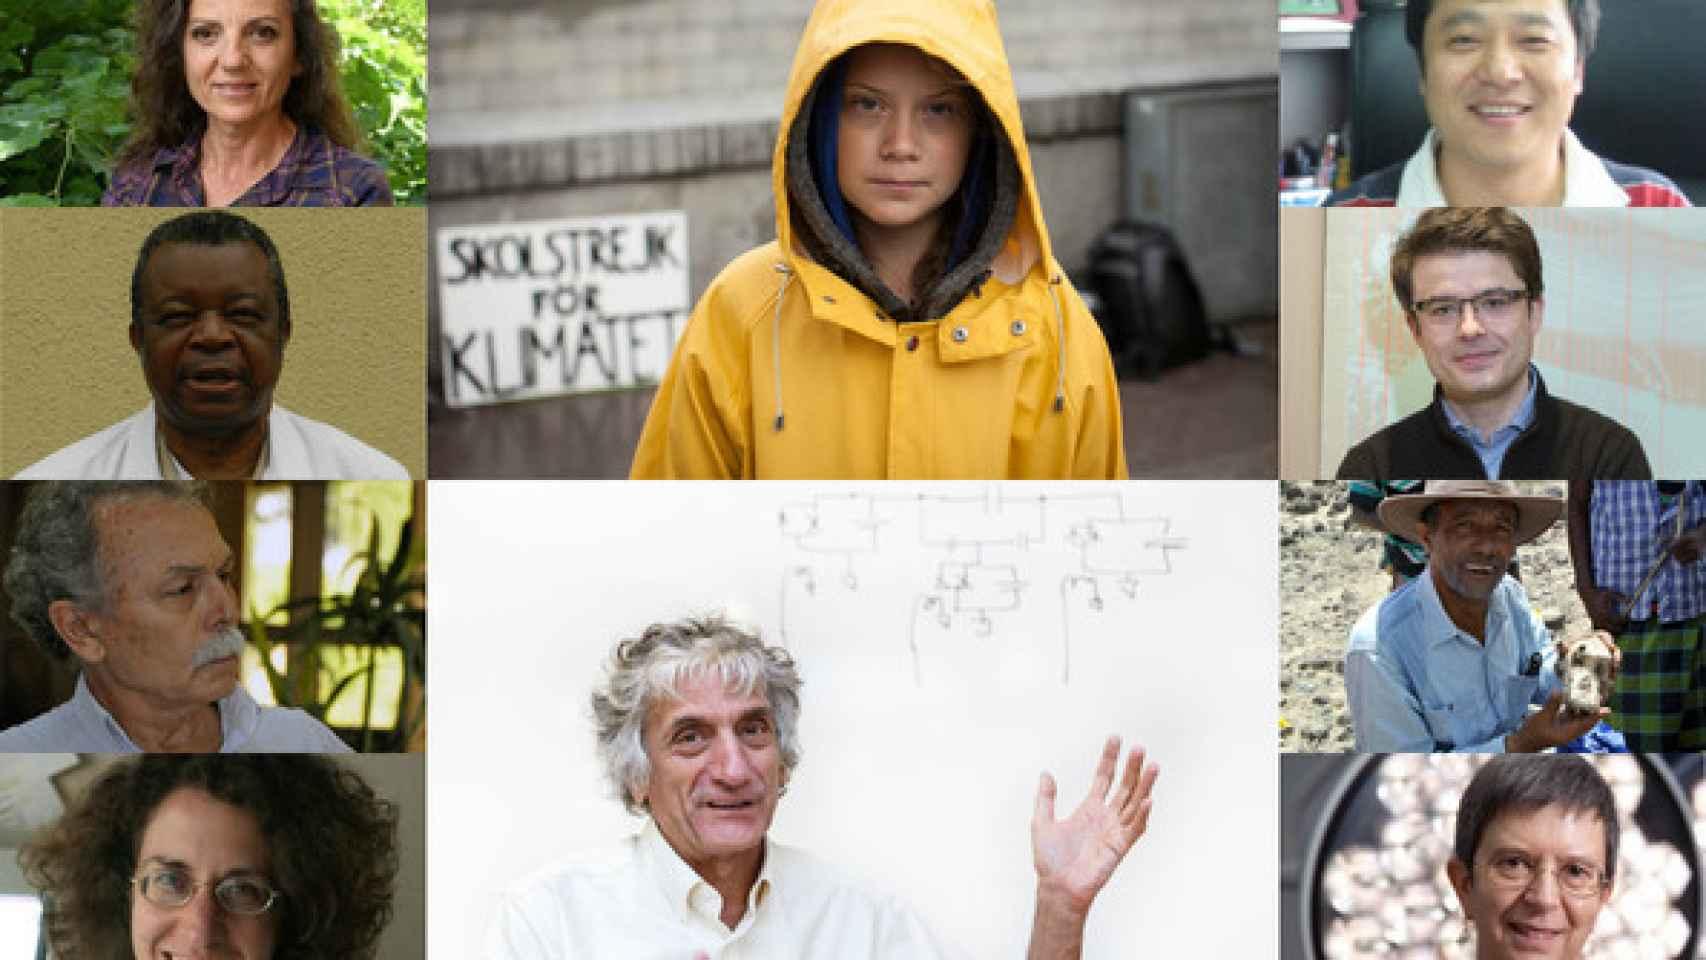 Las diez personas más importantes de la ciencia de 2019 según la revista 'Nature'.